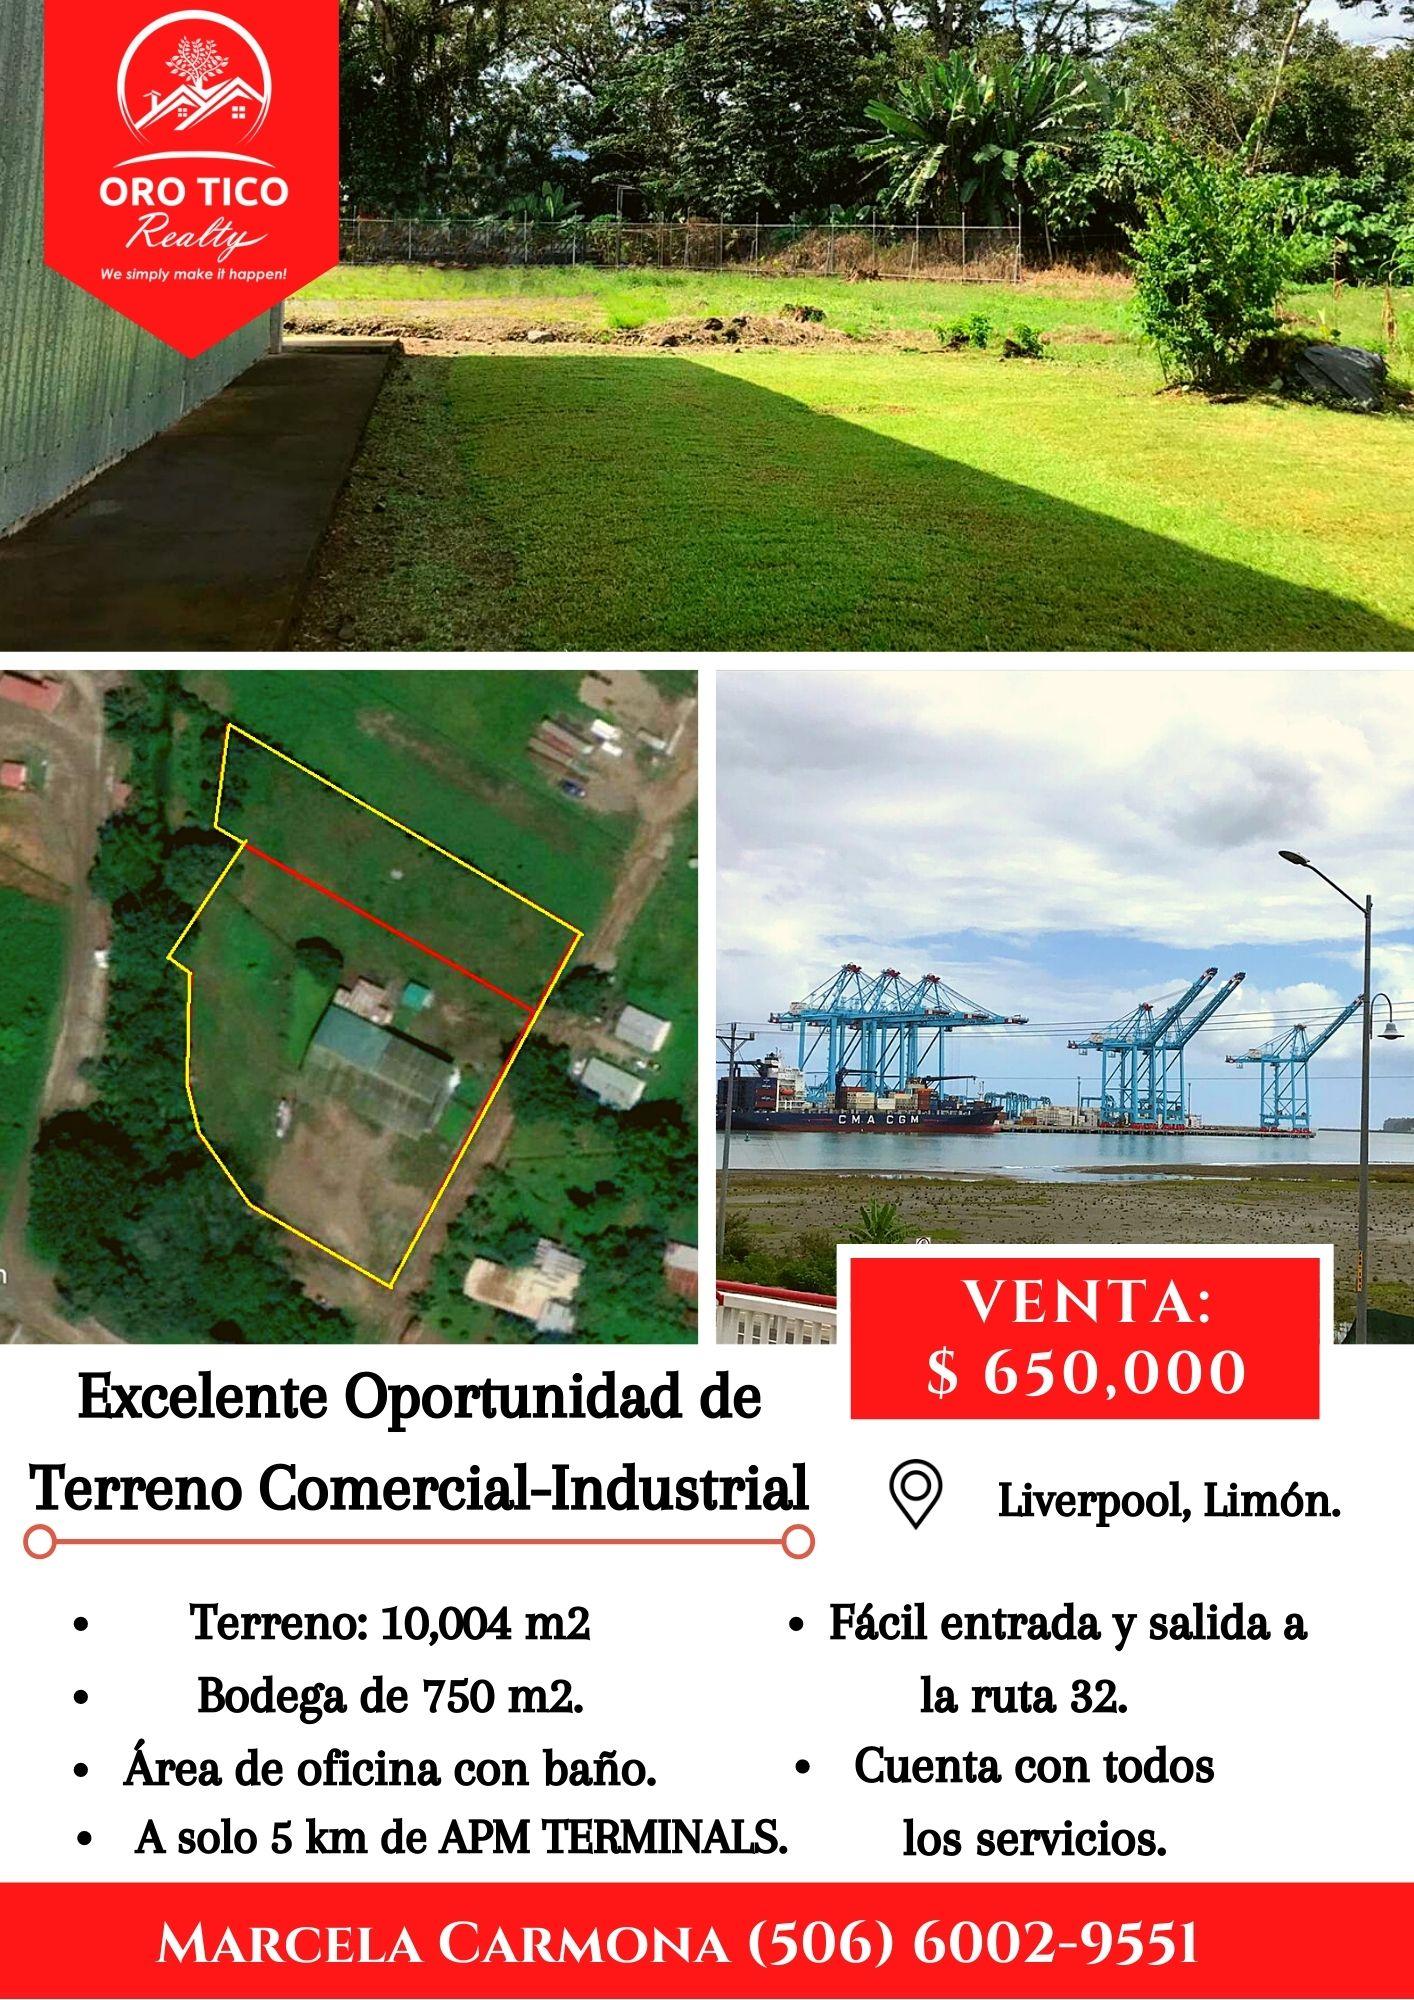 Terreno Comercial-Industrial con Bodega cerca de APM TERMINAL en Limón.